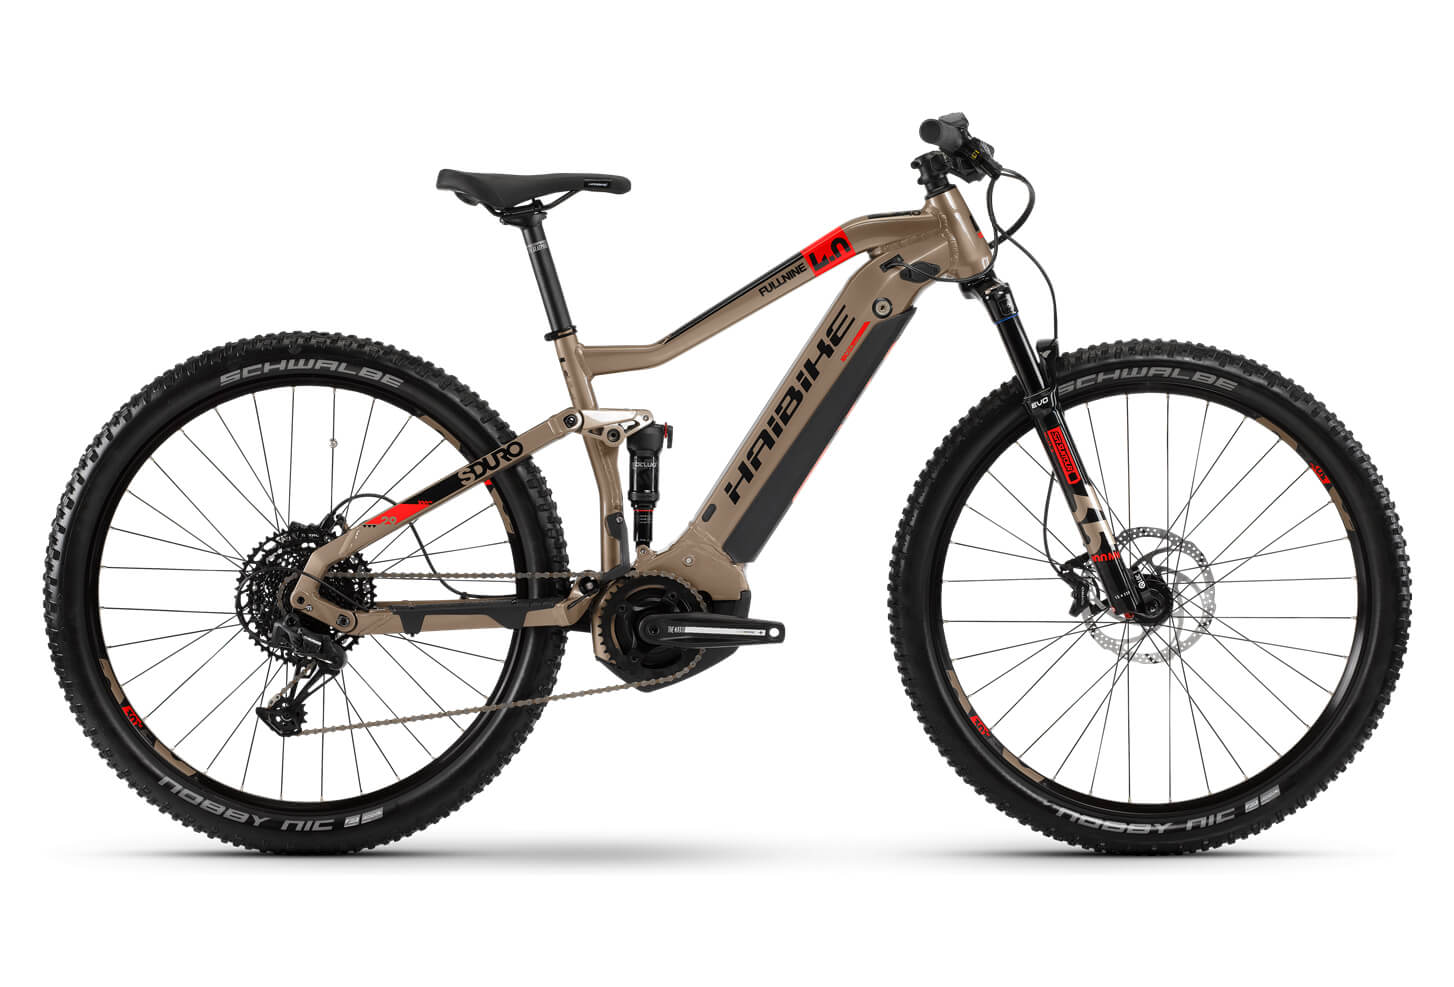 Bicicleta eléctrica de montaña doble suspensión haibike